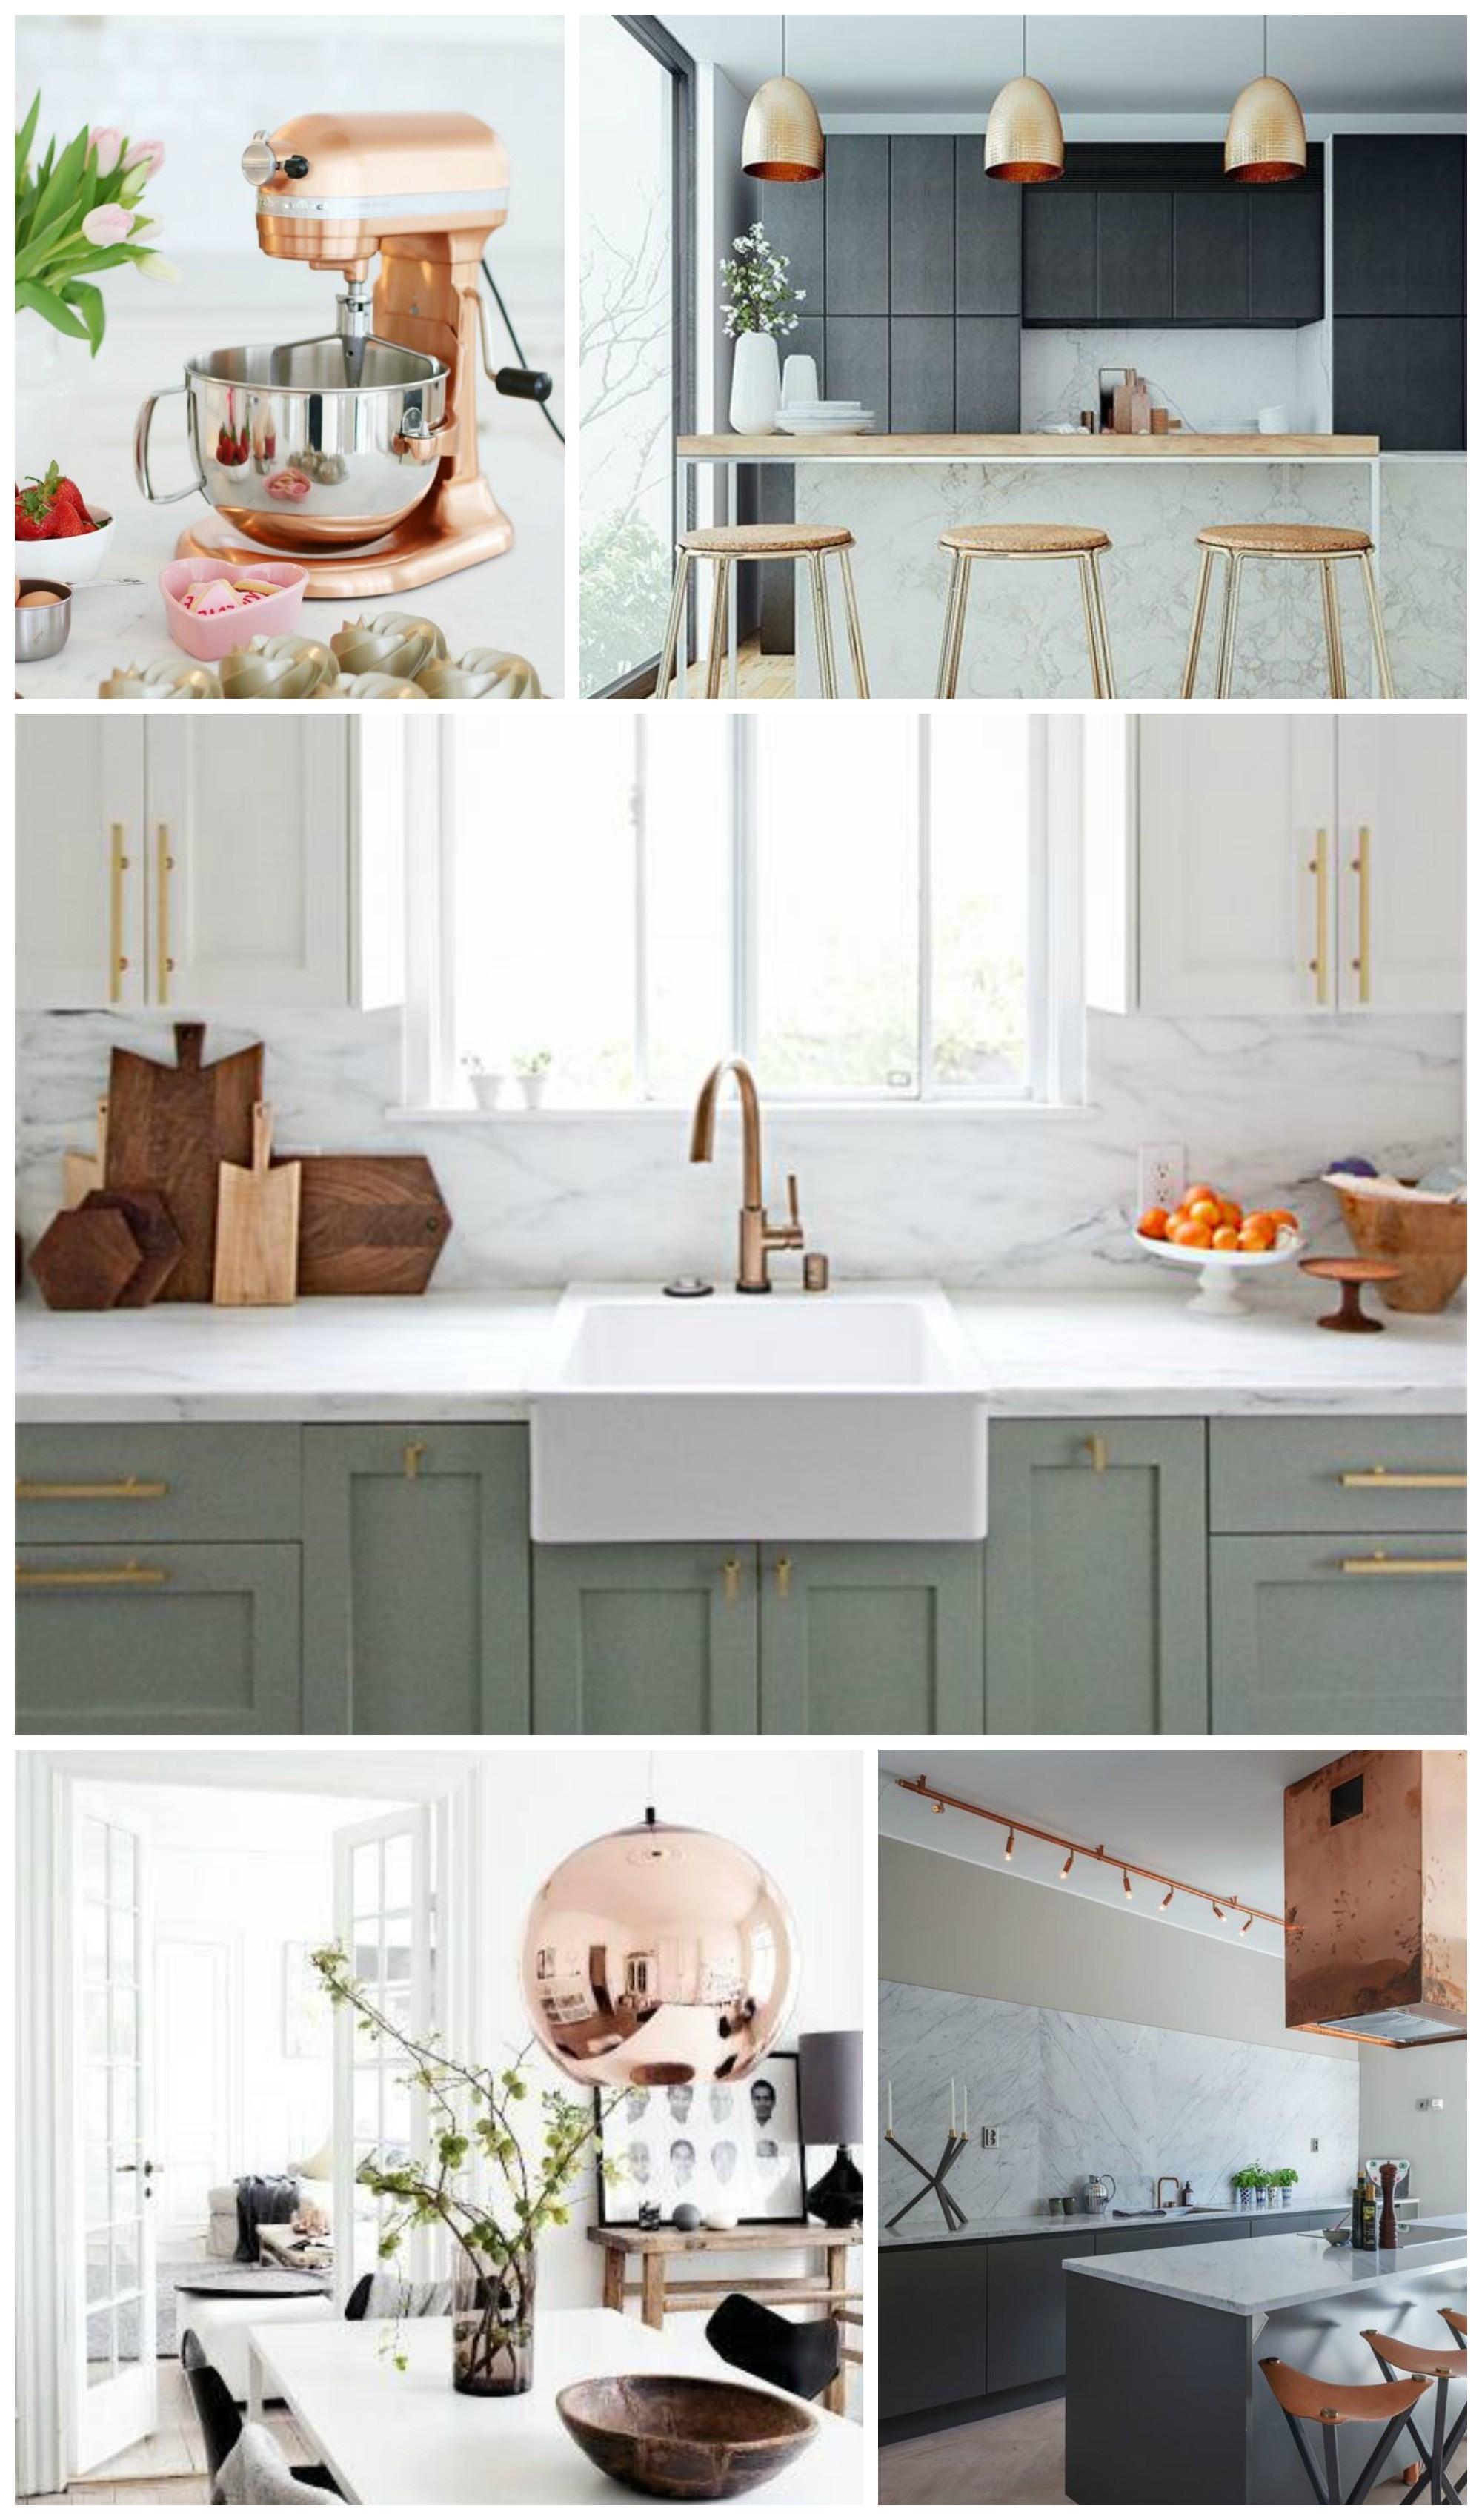 Home Trend: Copper - Emma Hill